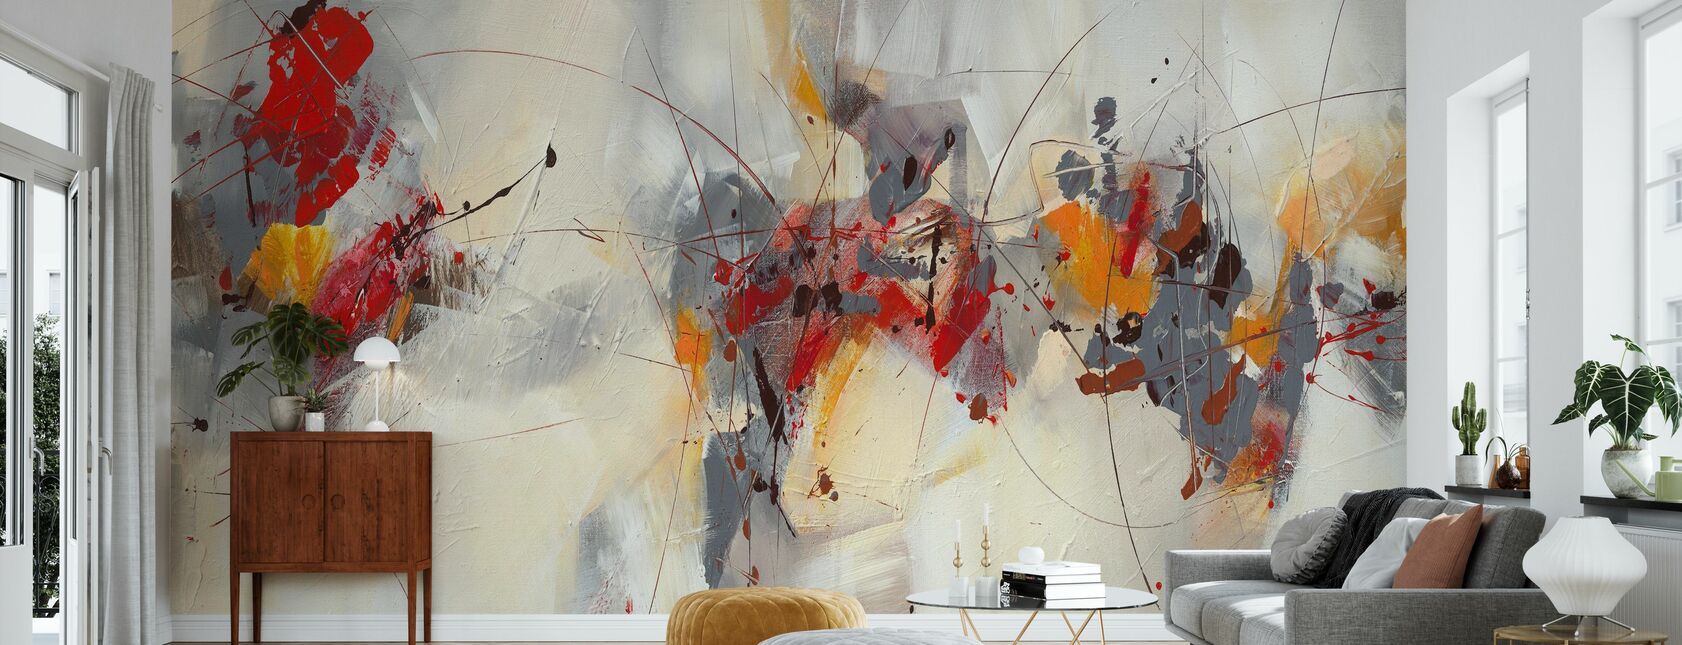 Percussion - Wallpaper - Living Room